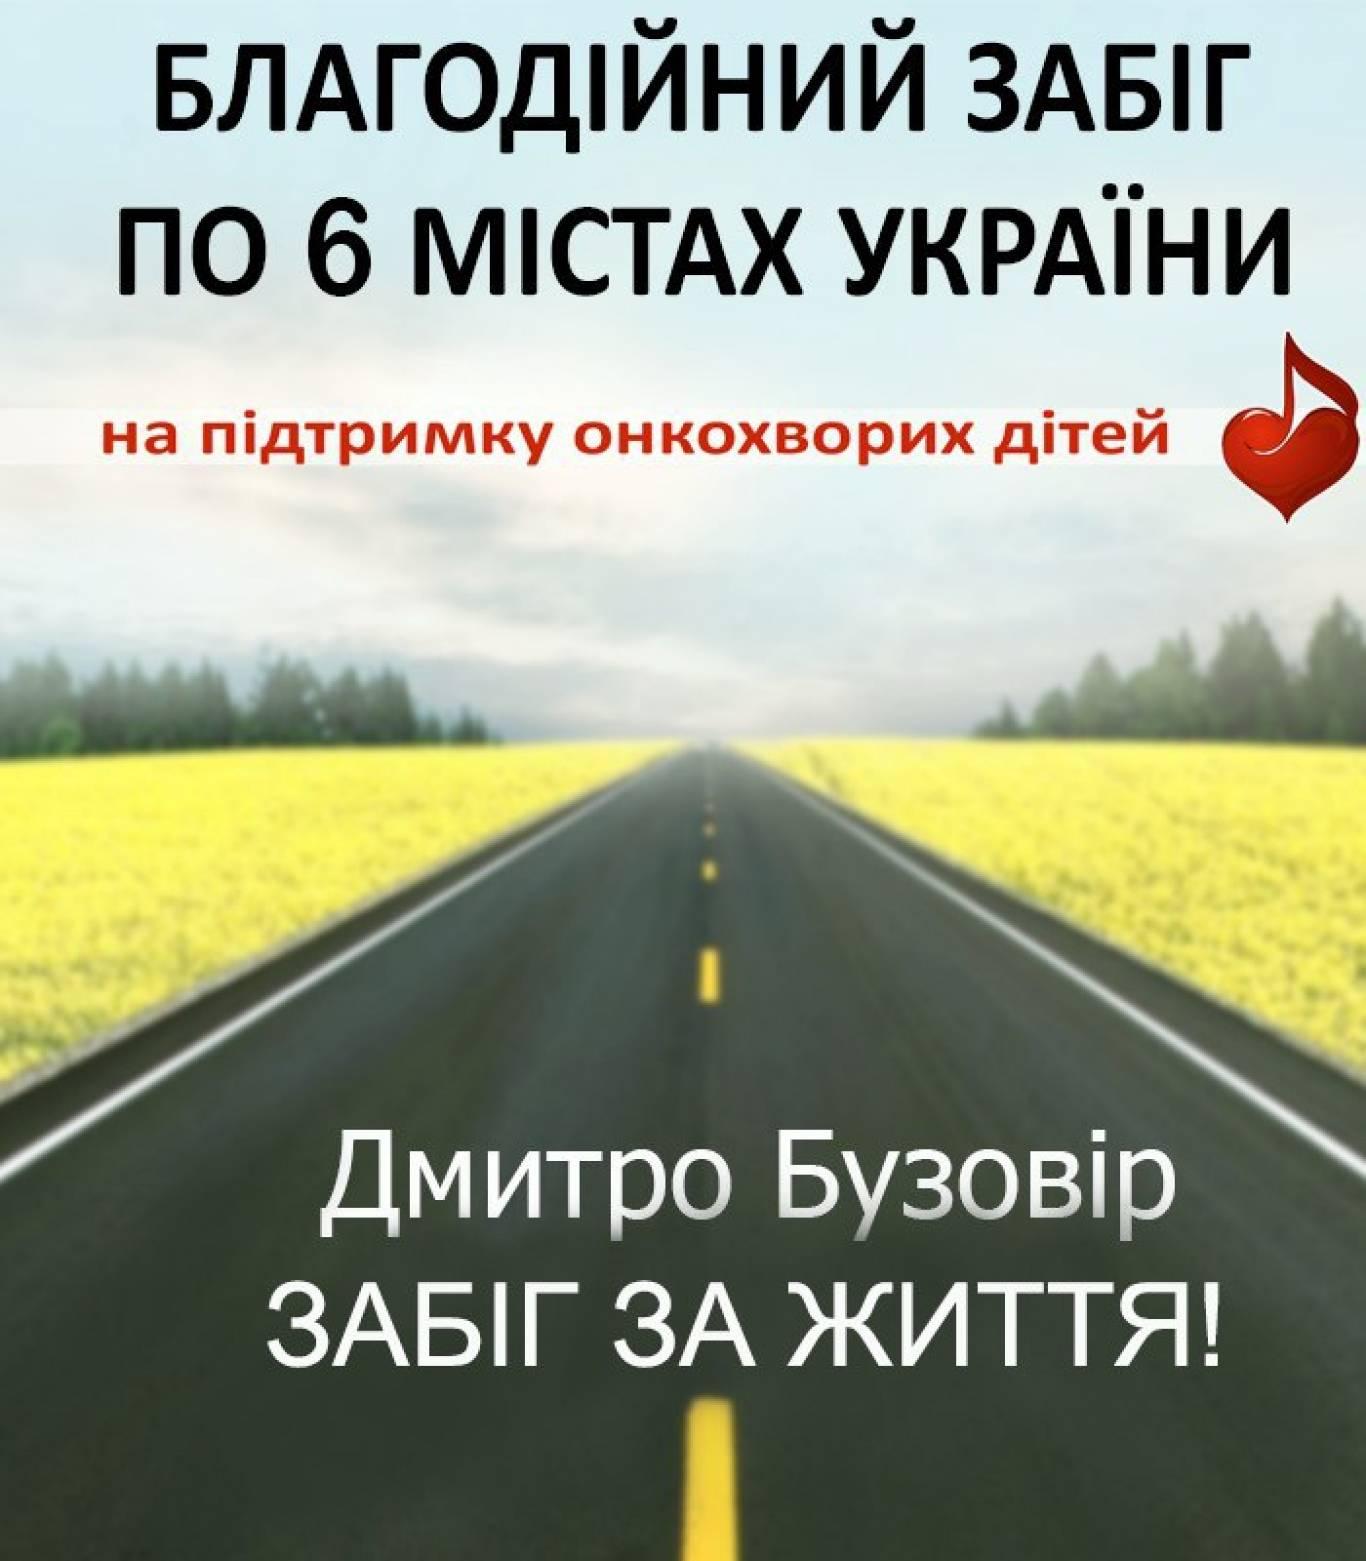 Благодійний забіг по 6 містах України